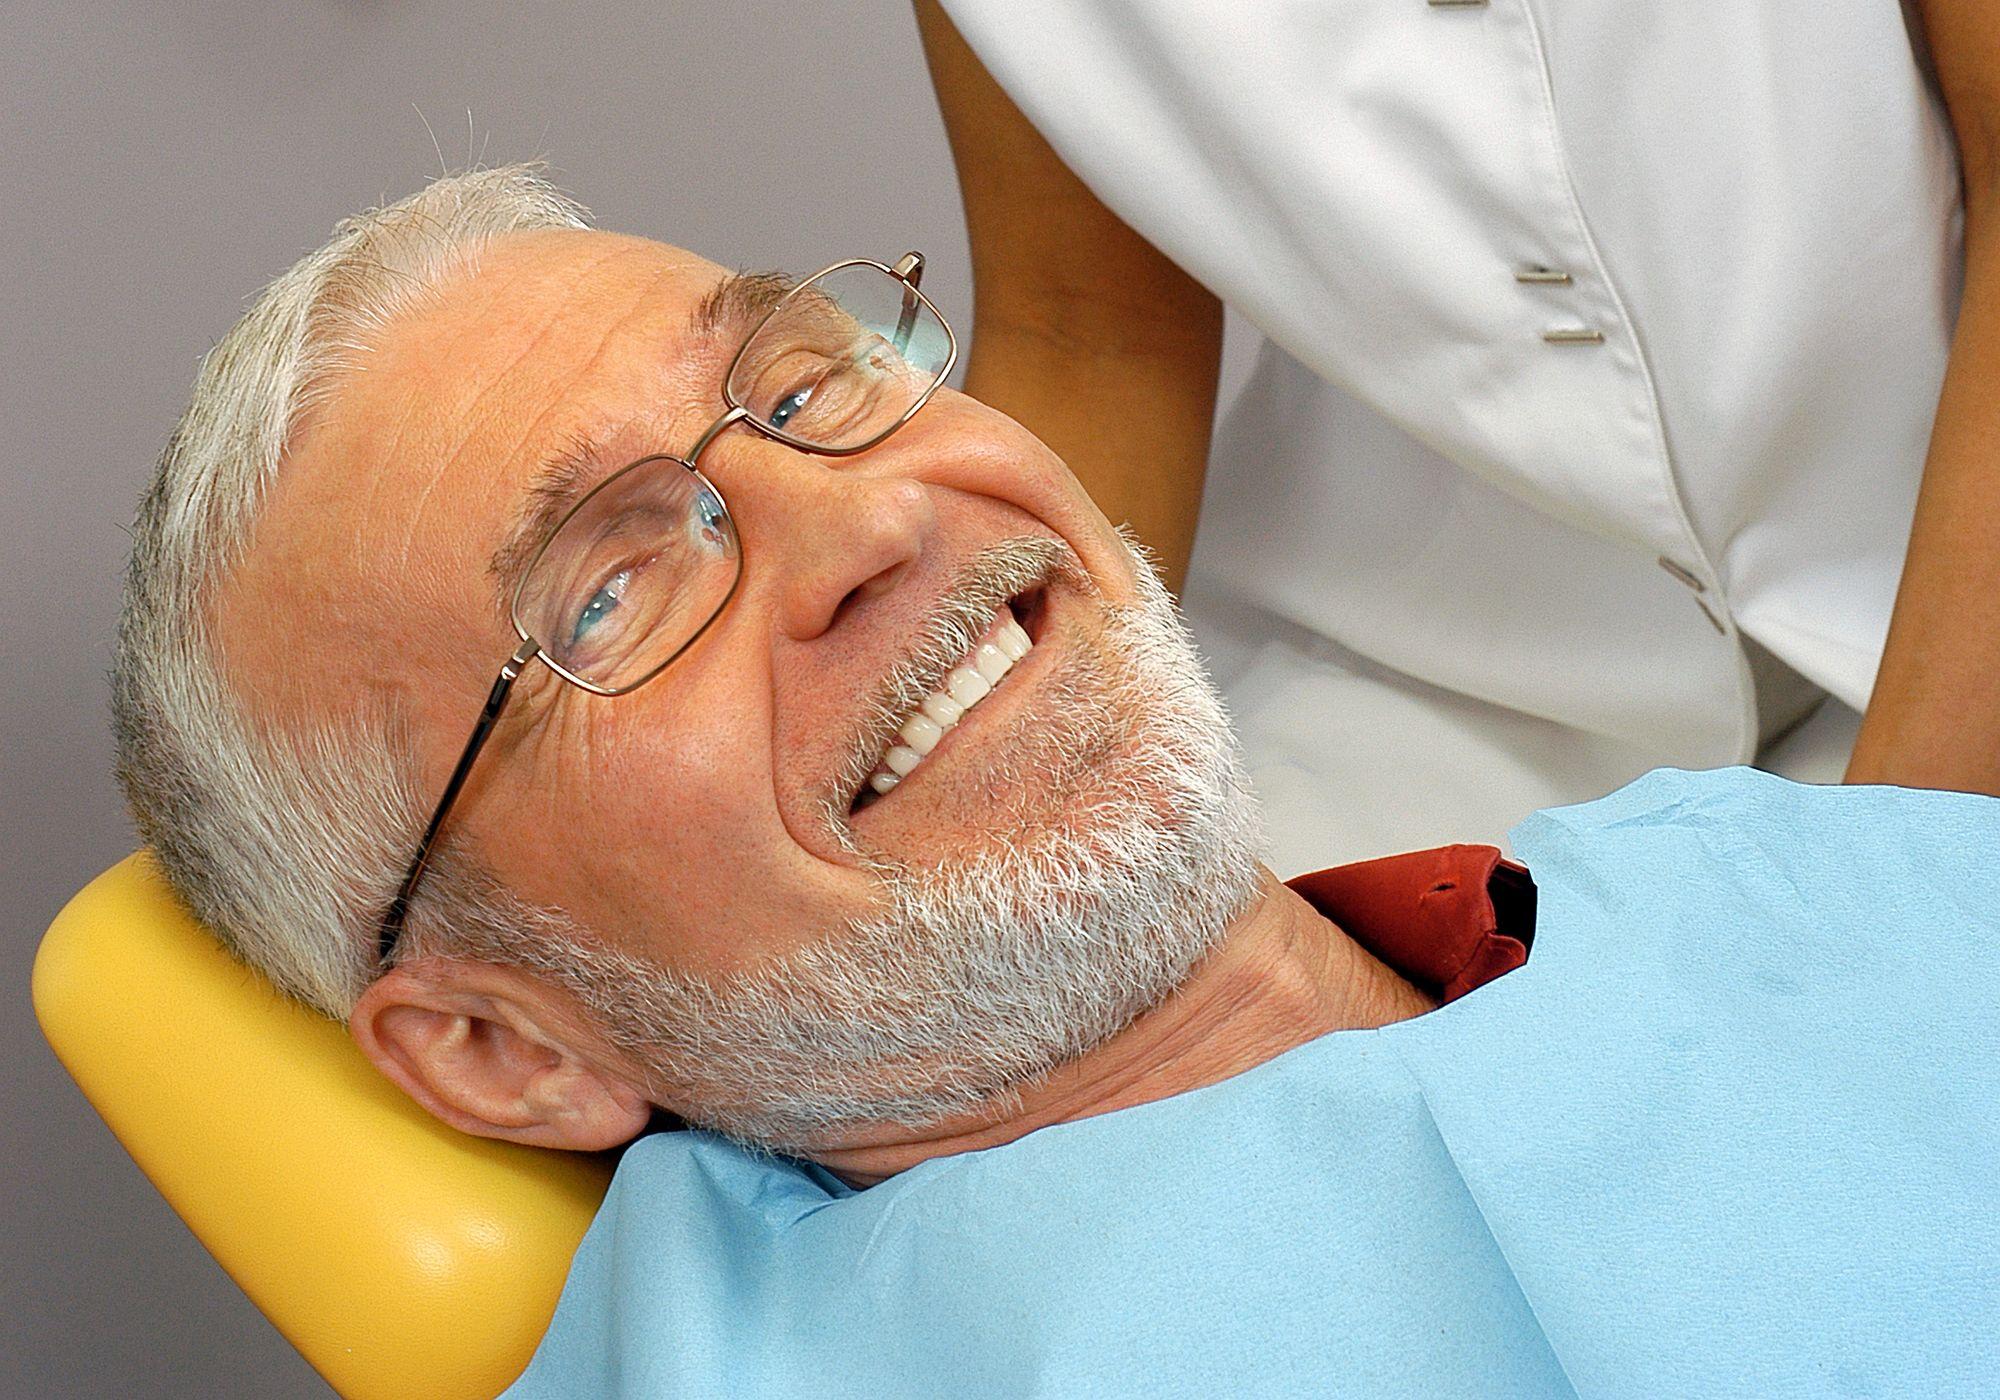 I migliori impianti dentali a Milano